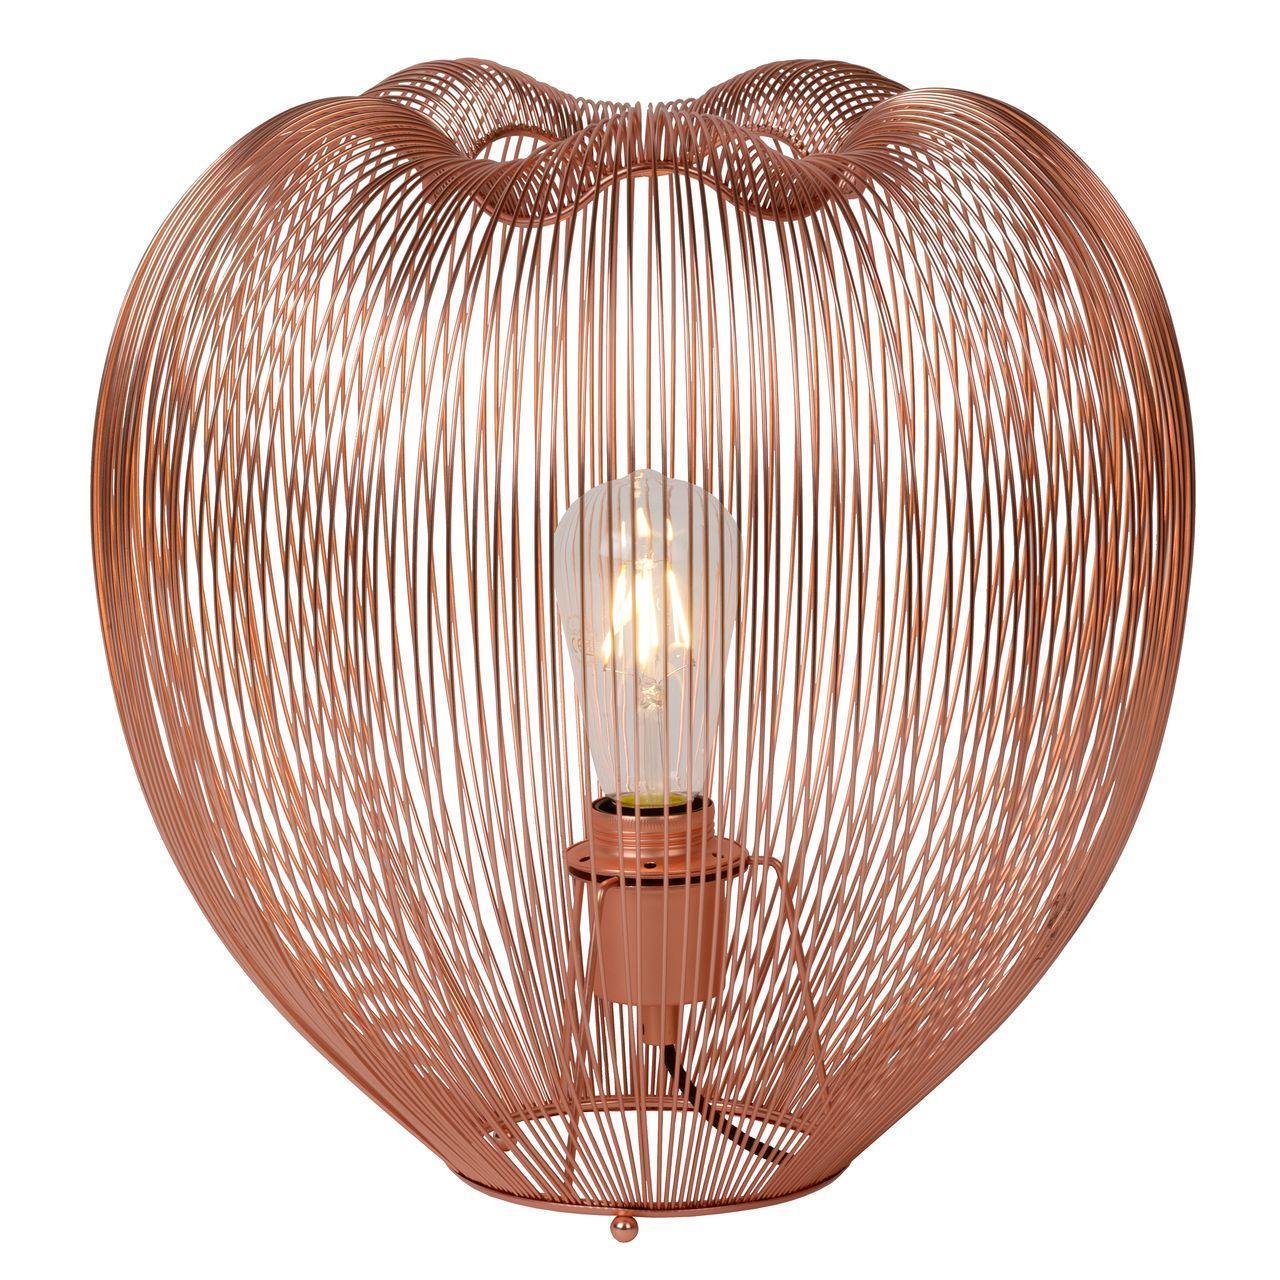 Настольная лампа Lucide Wirio 20501/35/17 wirio 20501 35 17 lucide 1155105